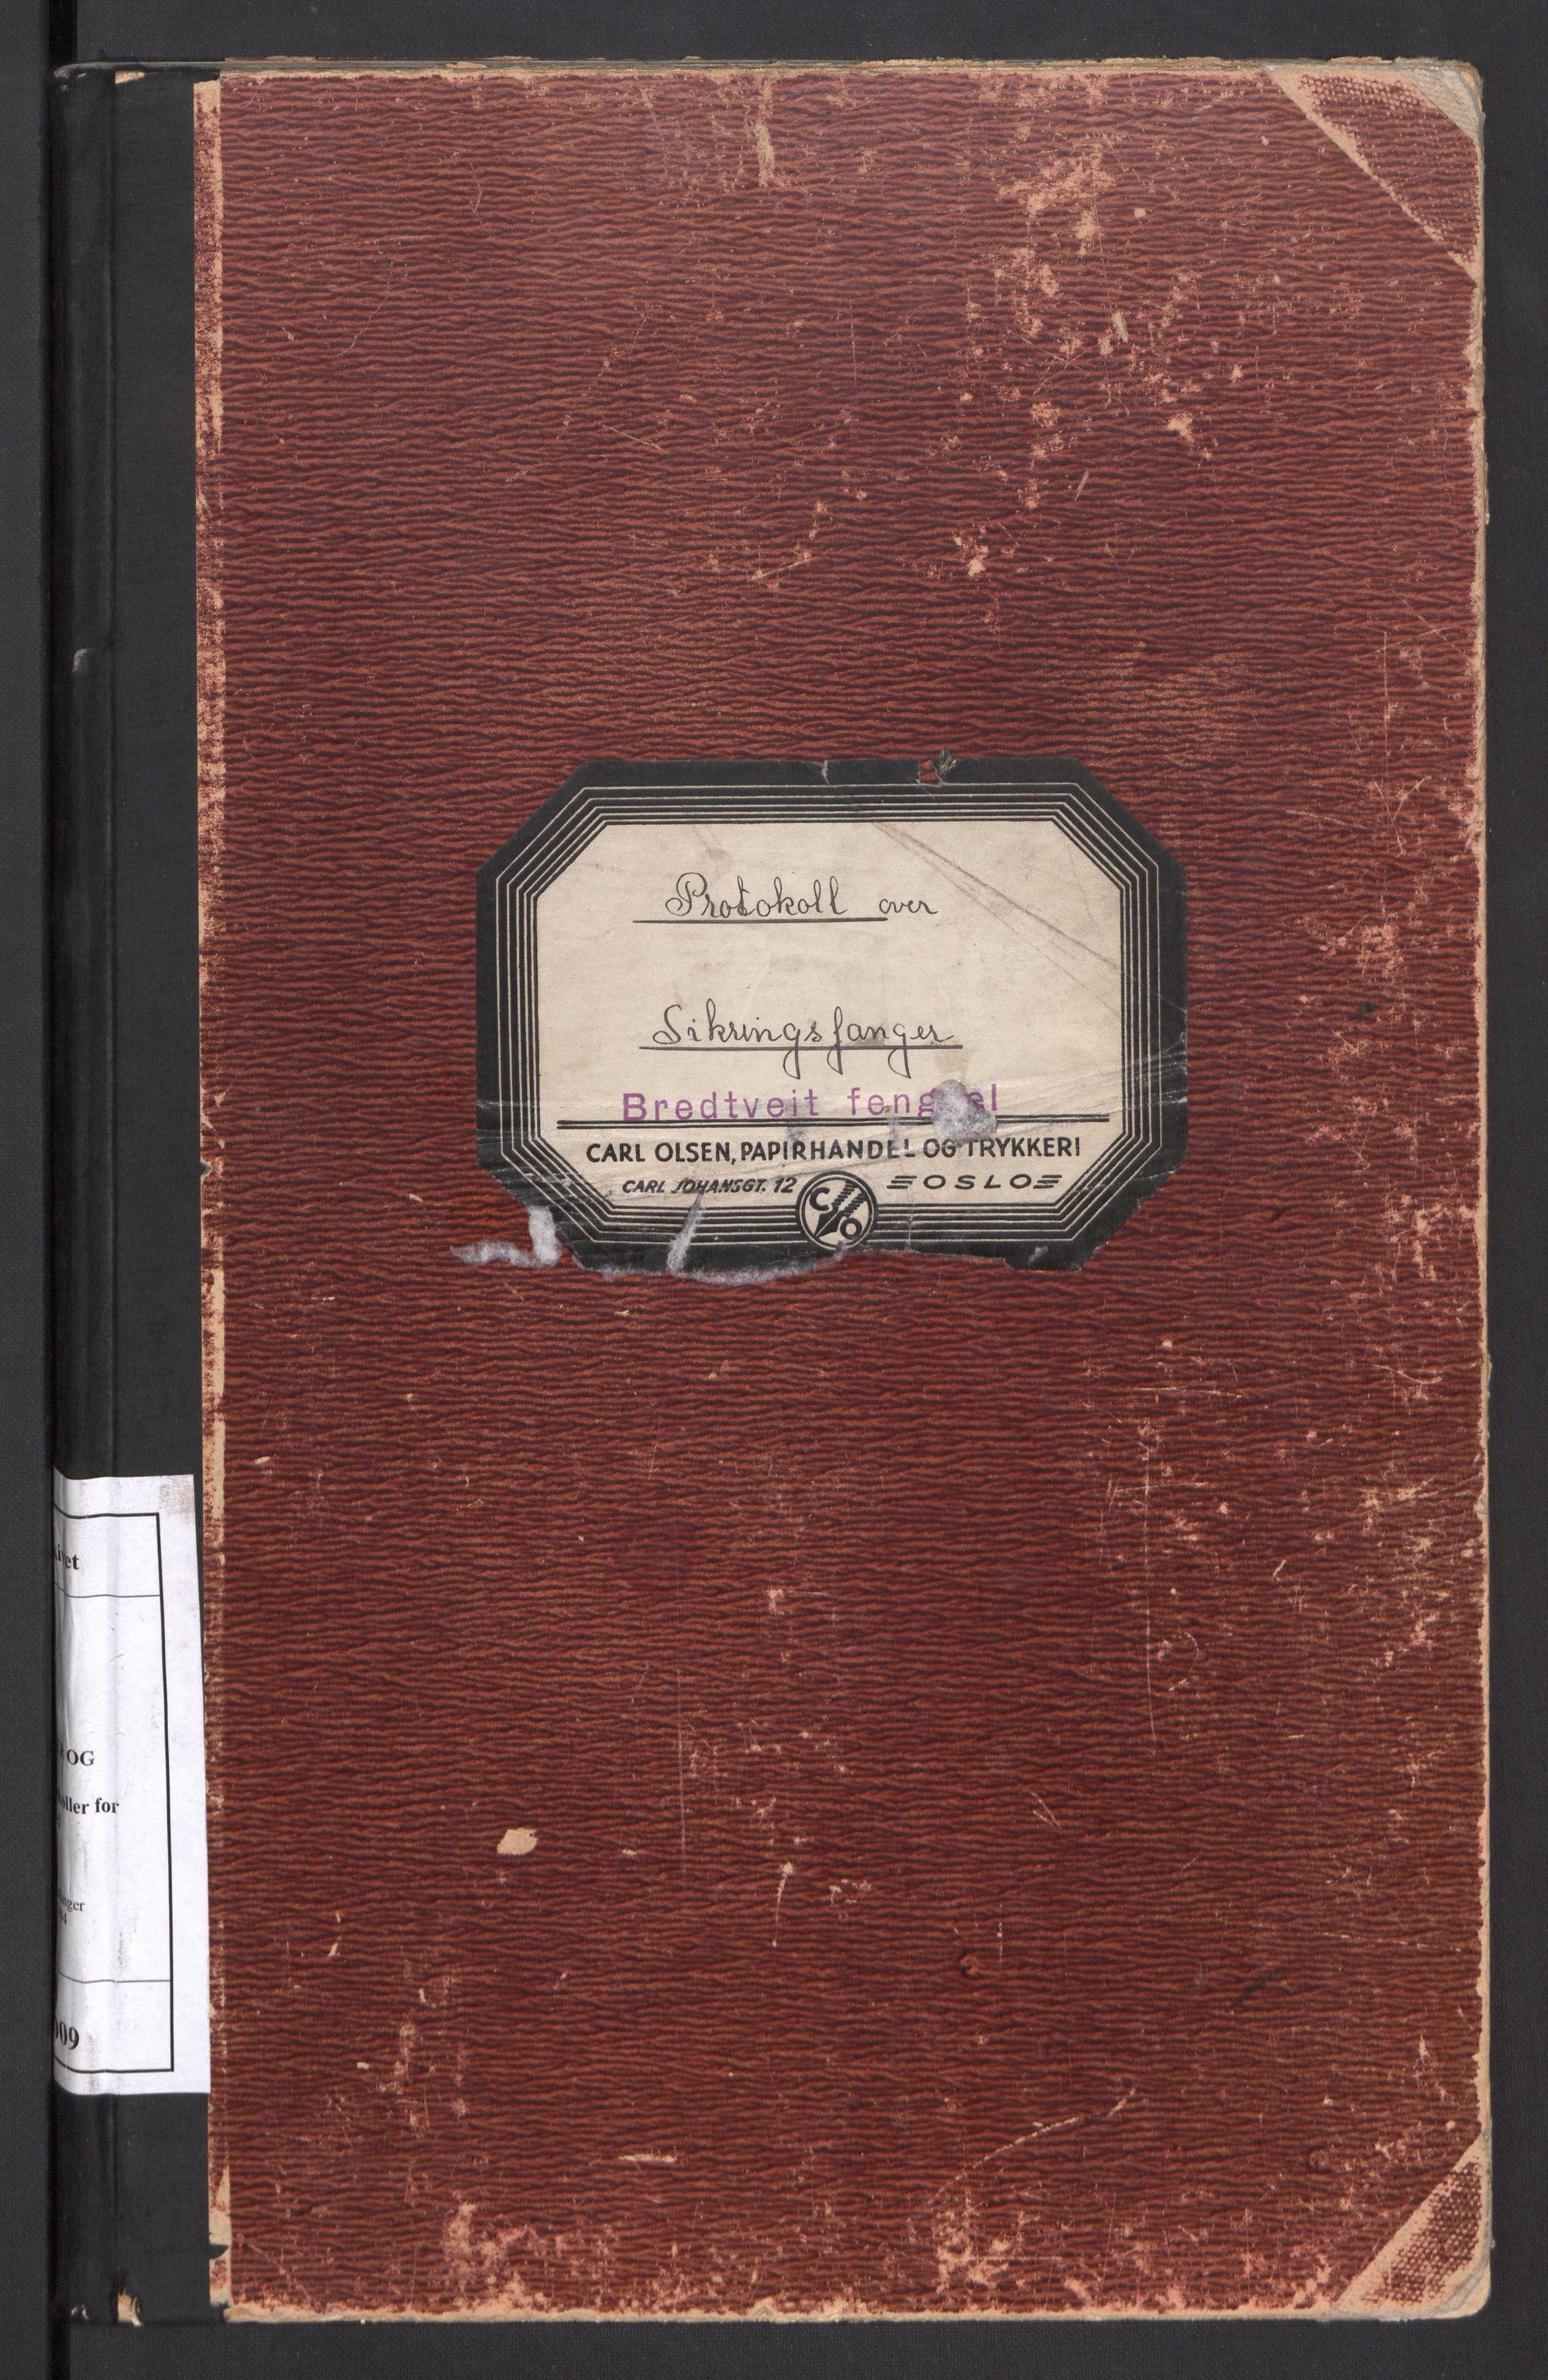 RA, Statspolitiet - Hovedkontoret / Osloavdelingen, C/Cl/L0009: Protokoll for sikringsfanger, 1941-1944